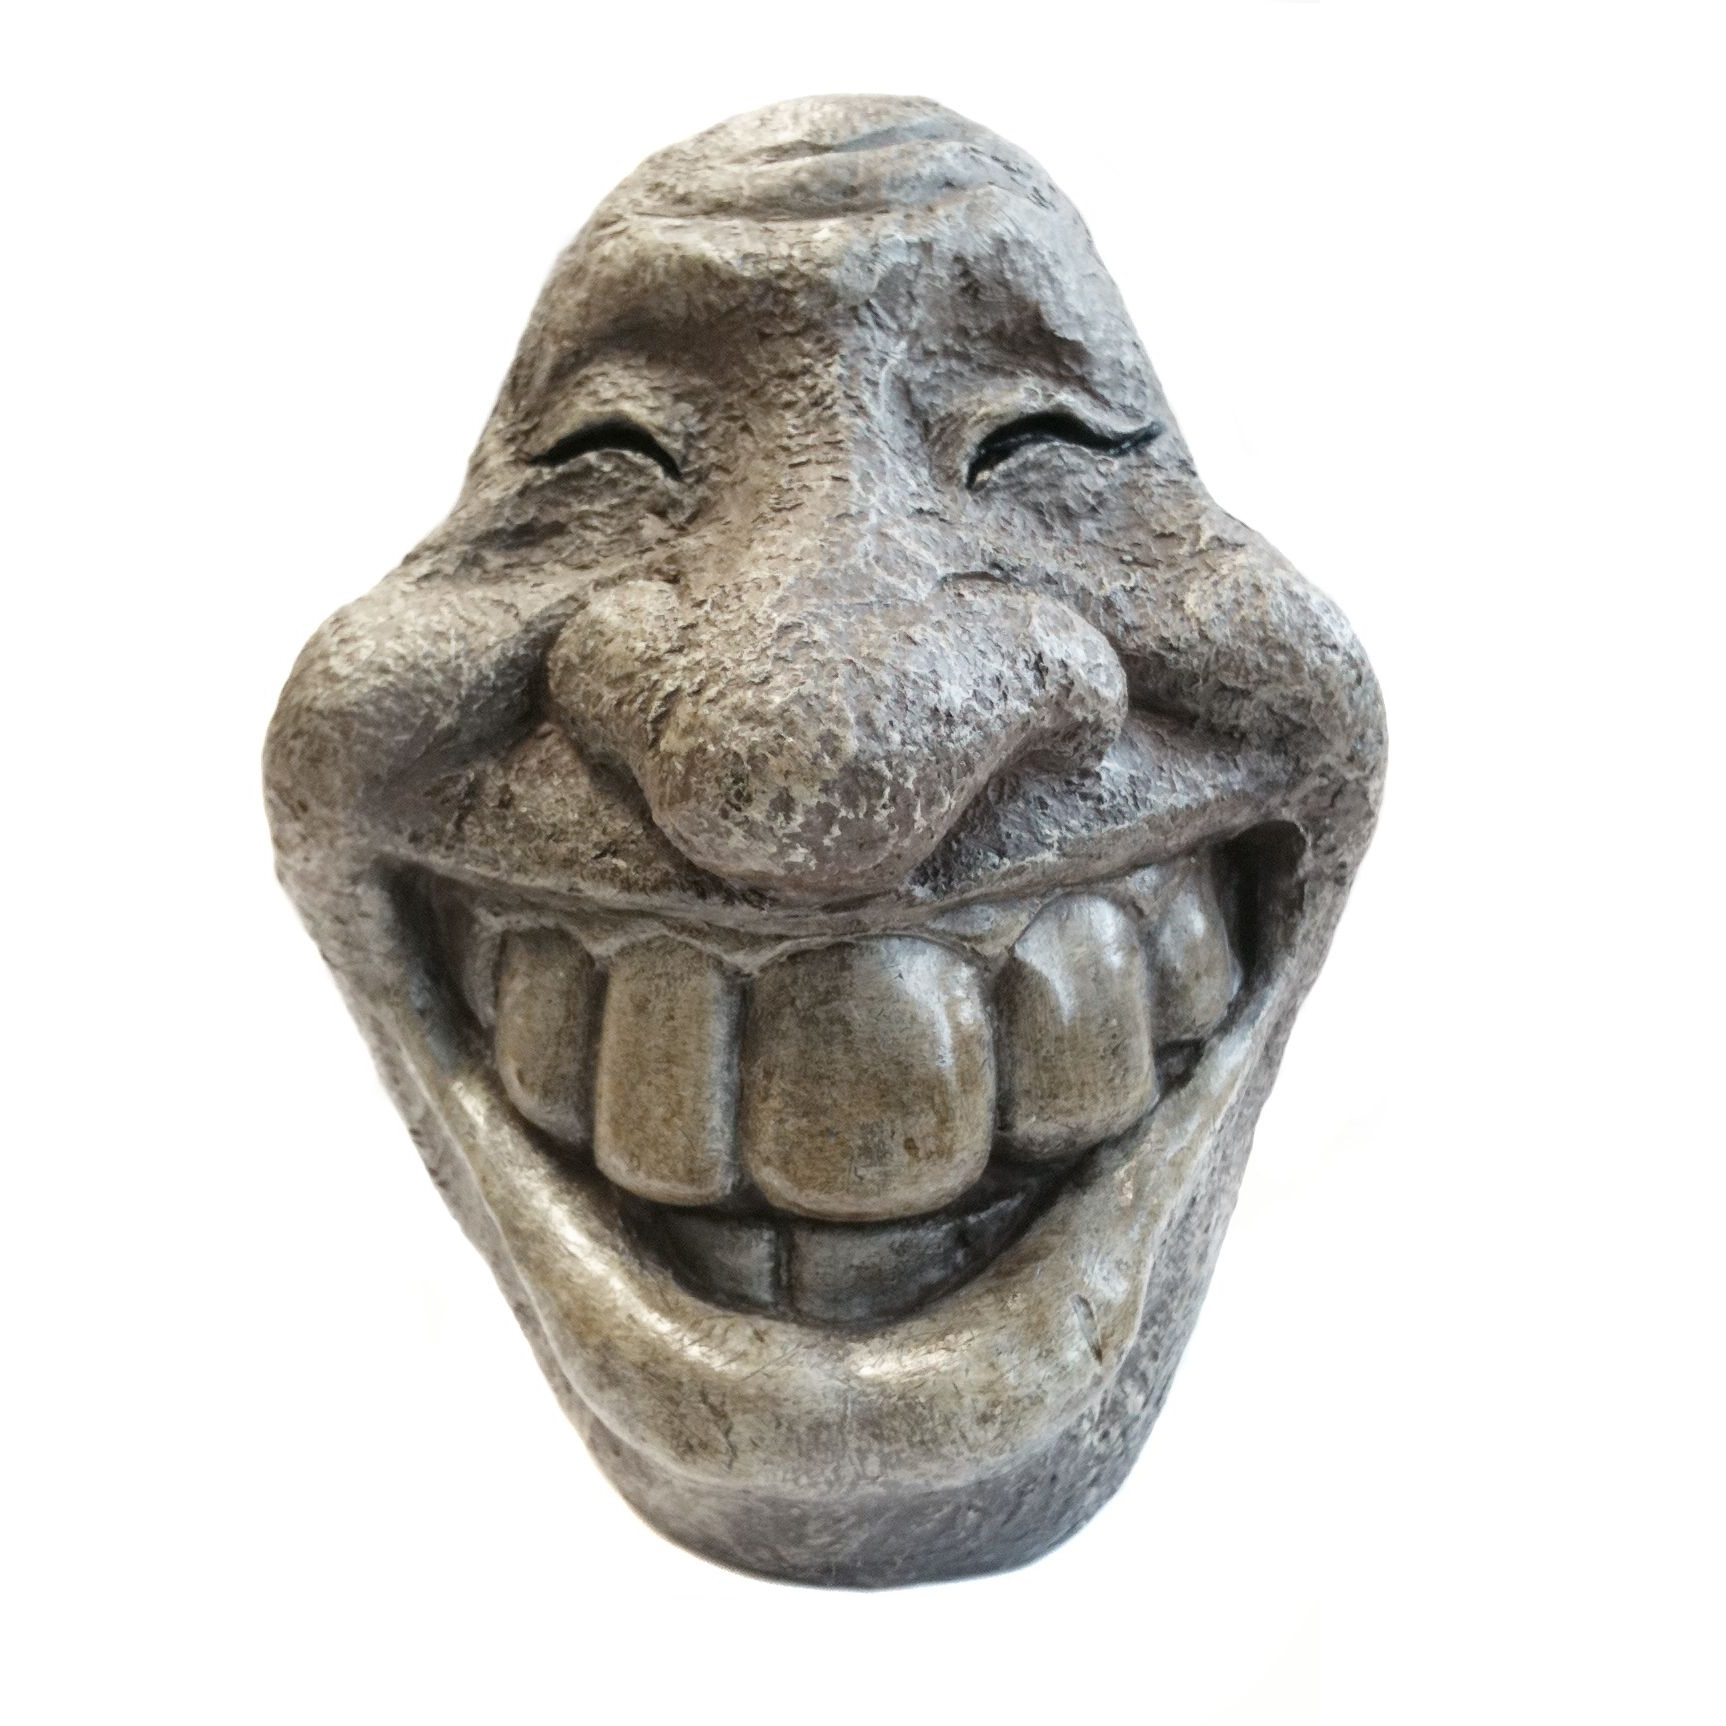 Smileyfigur aus Stein